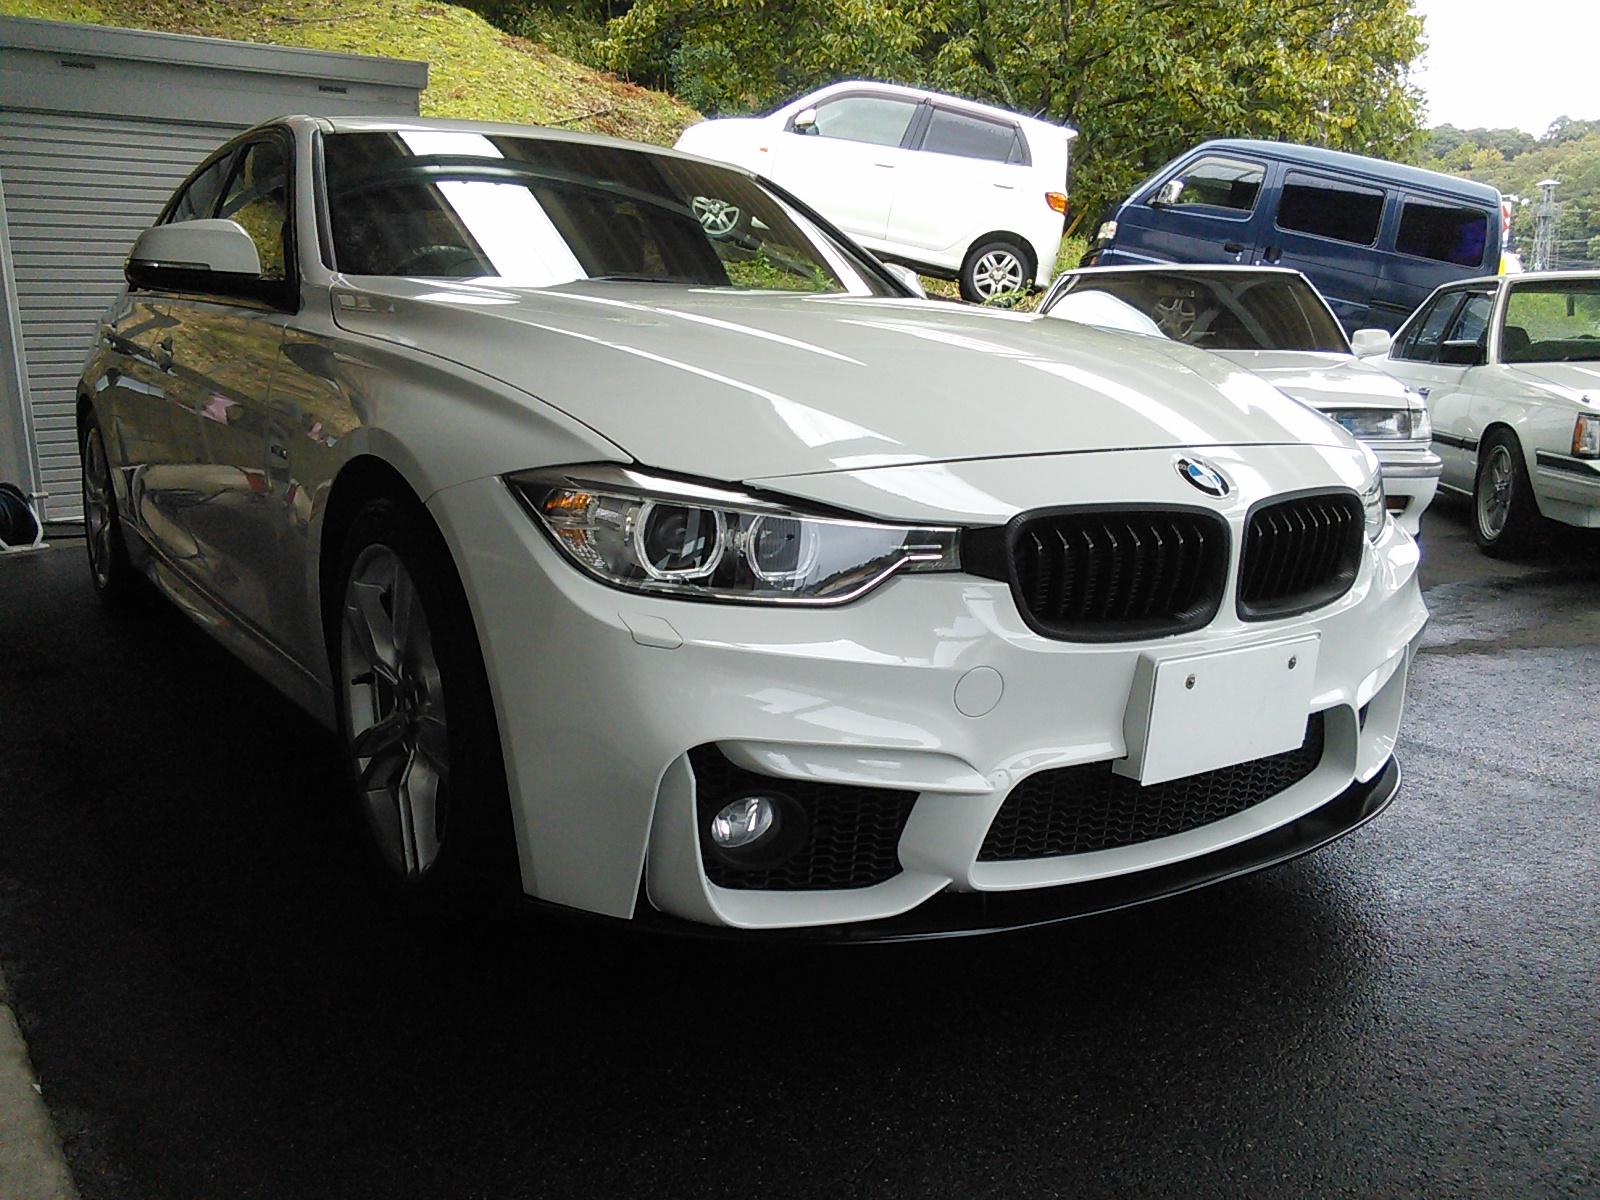 BMW F30 320d エンジン突然かからなくなった F11警告灯複数点灯